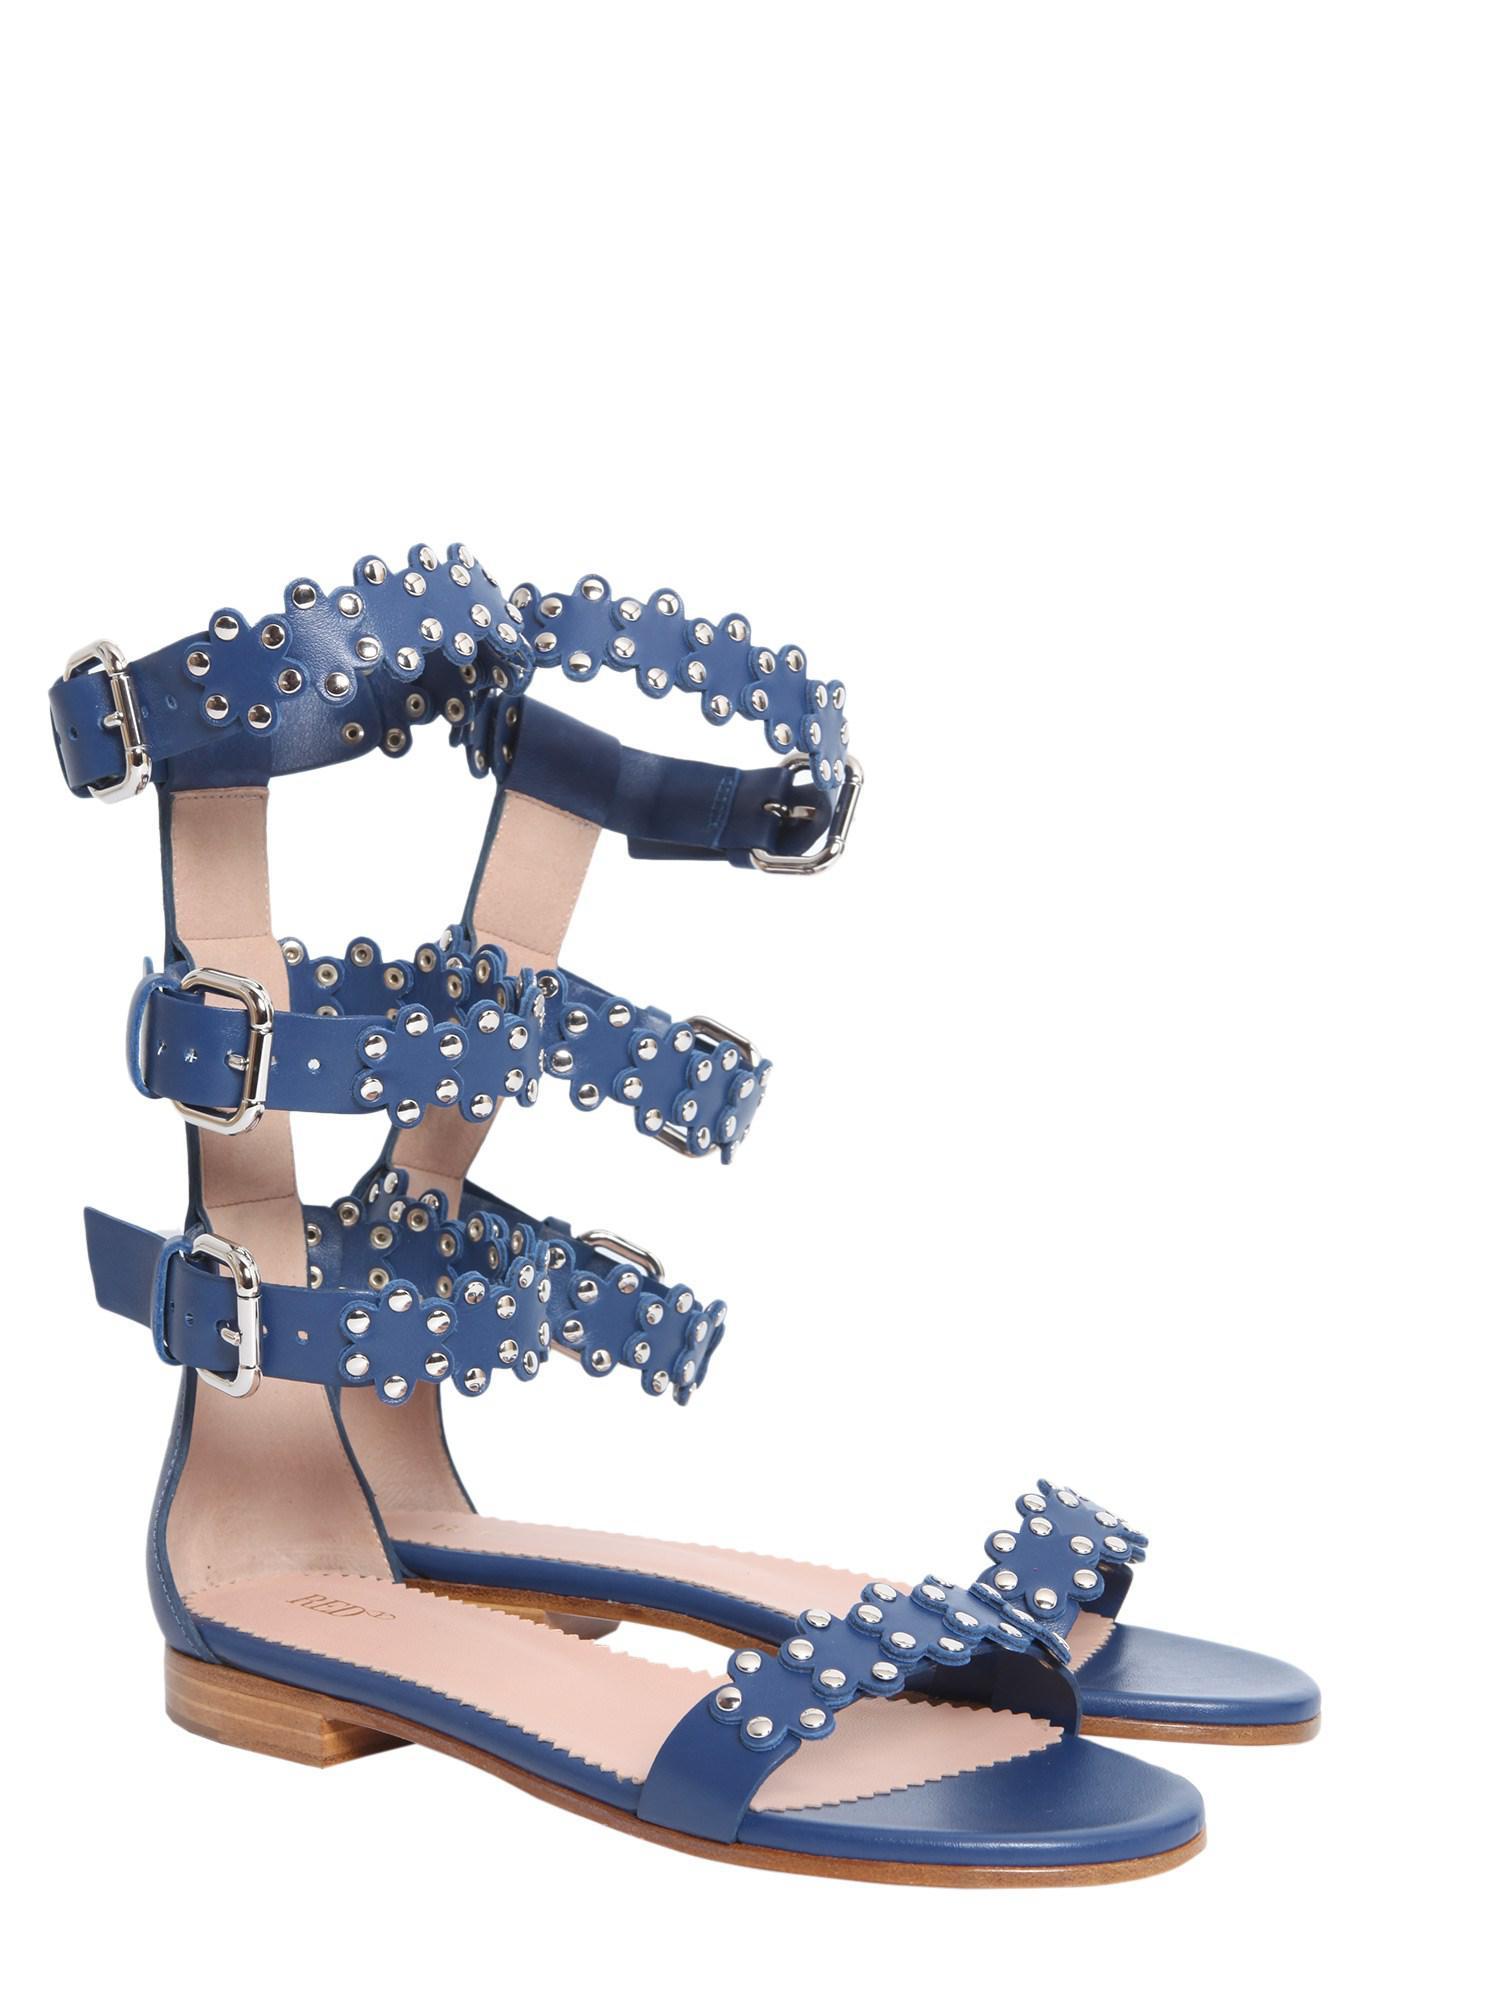 Sandales Puzzle De Fleurs - Valentino Rouge Bleu wXpPBB